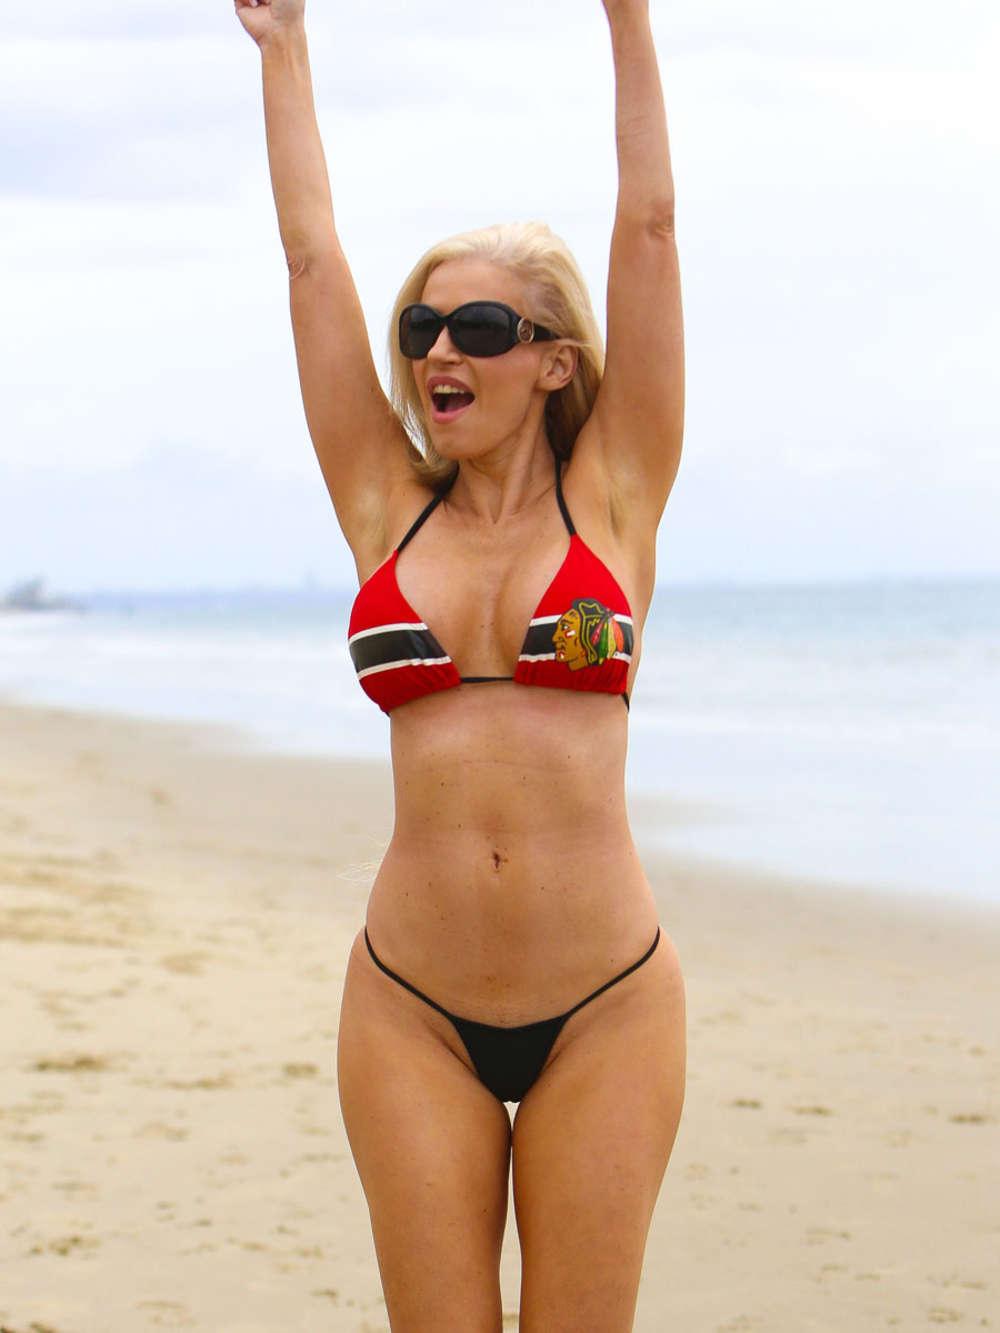 malib u bikini